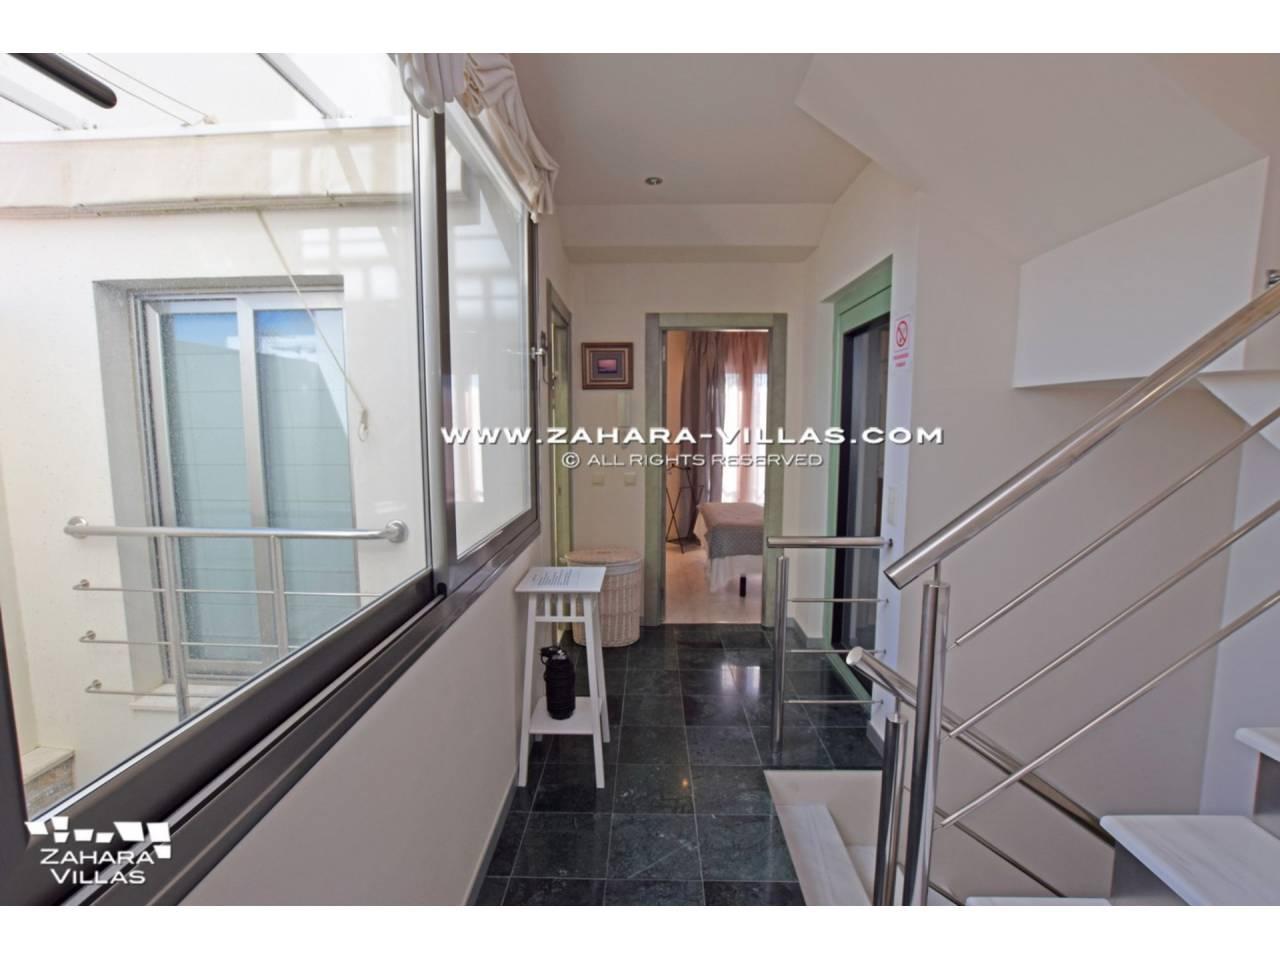 Imagen 15 de House for sale in Zahara de los Atunes